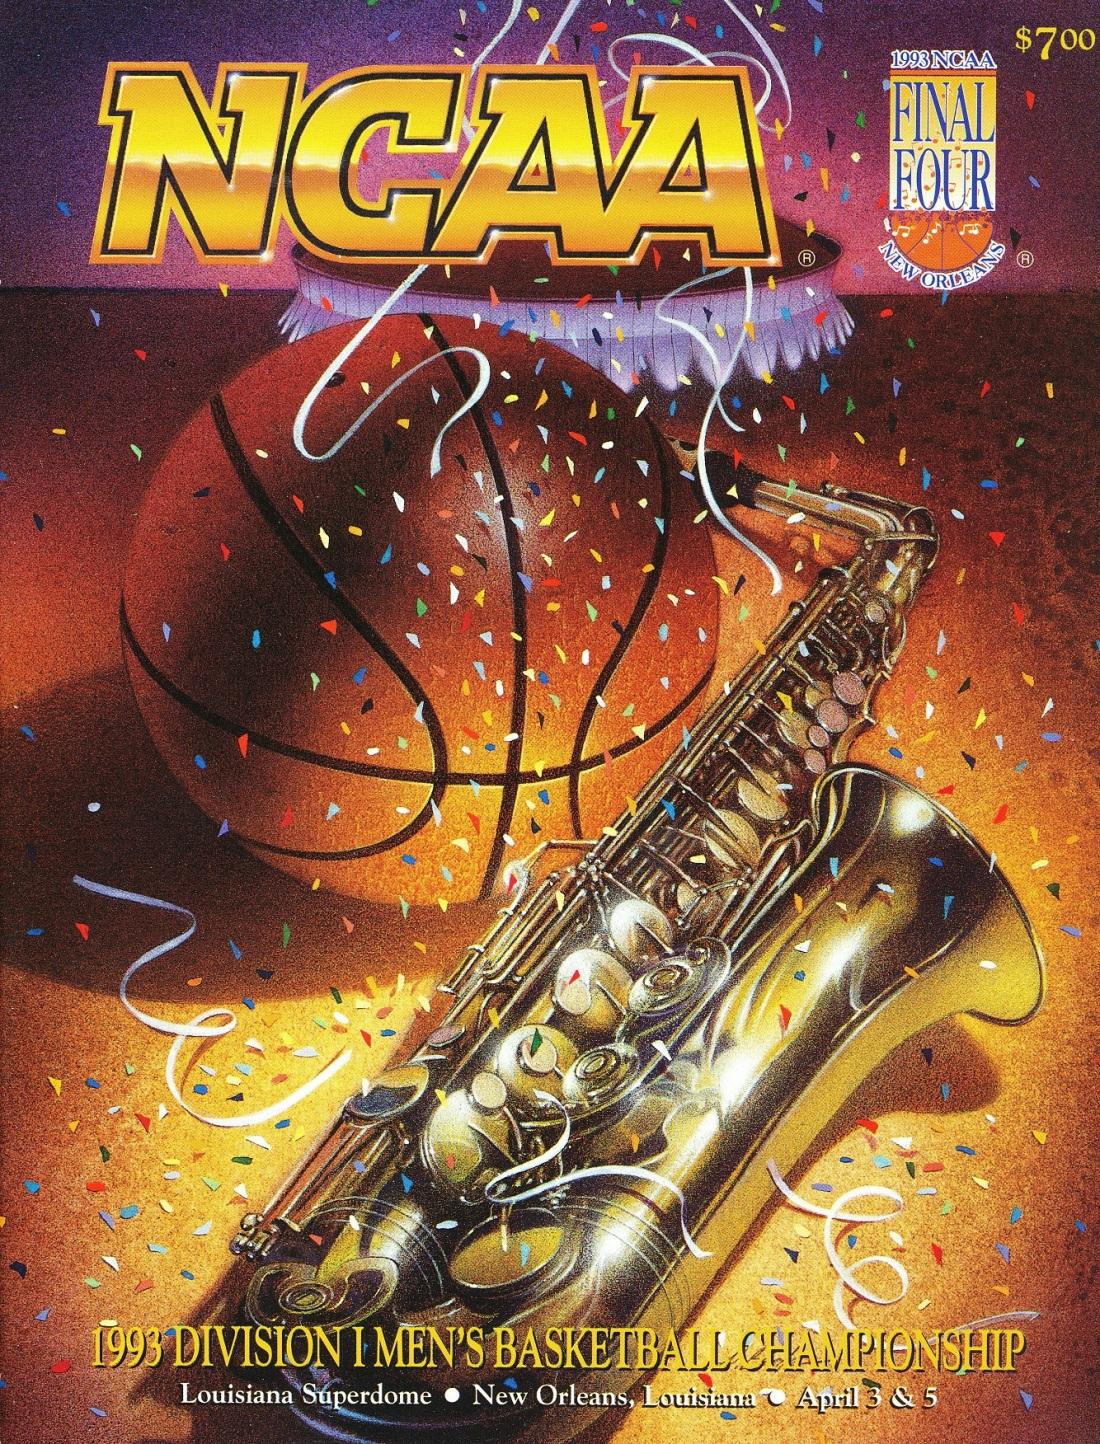 1993 - Copy